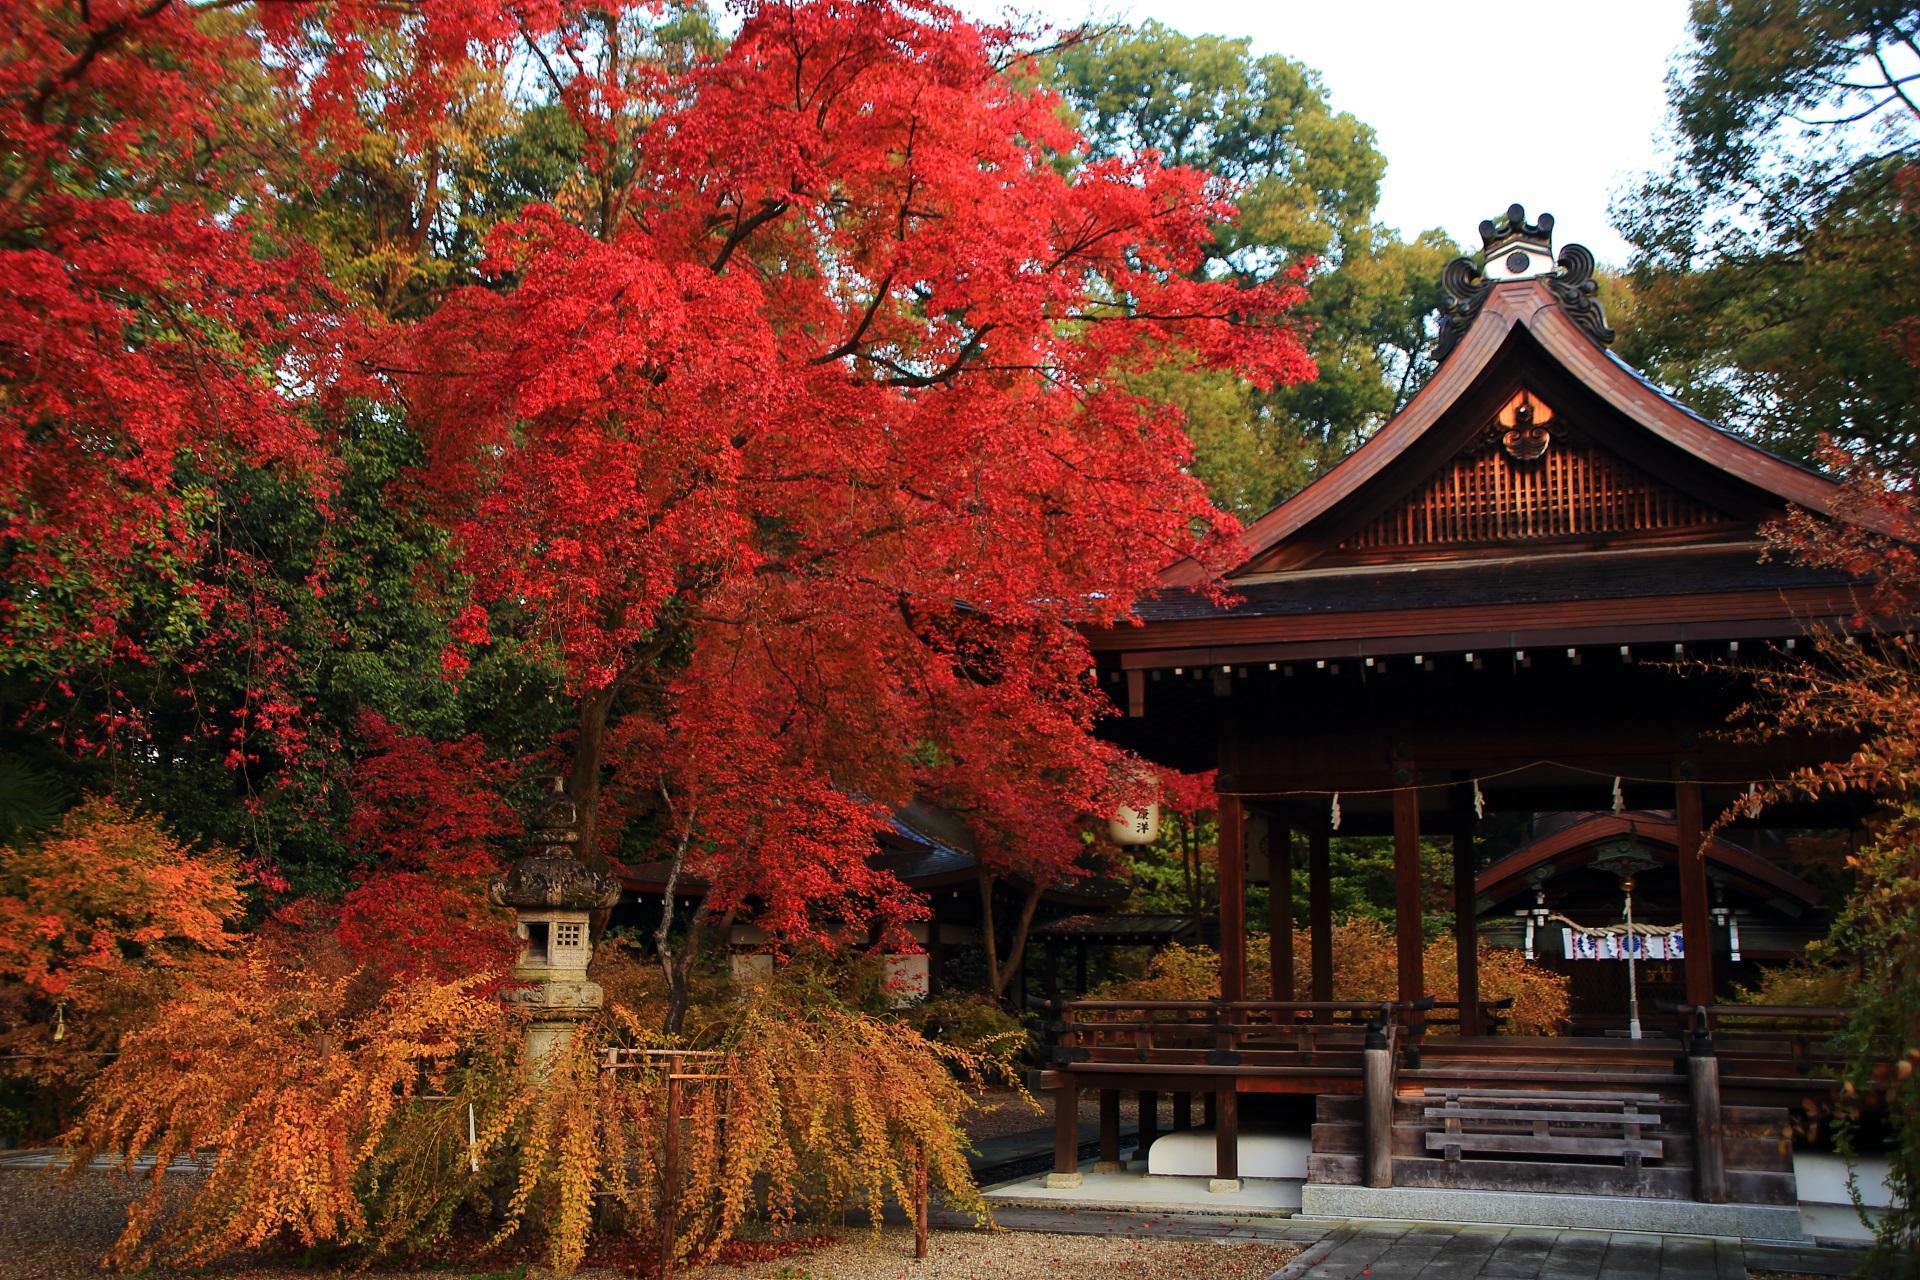 梨木神社の拝殿を彩る鮮やかな紅葉と淡い萩